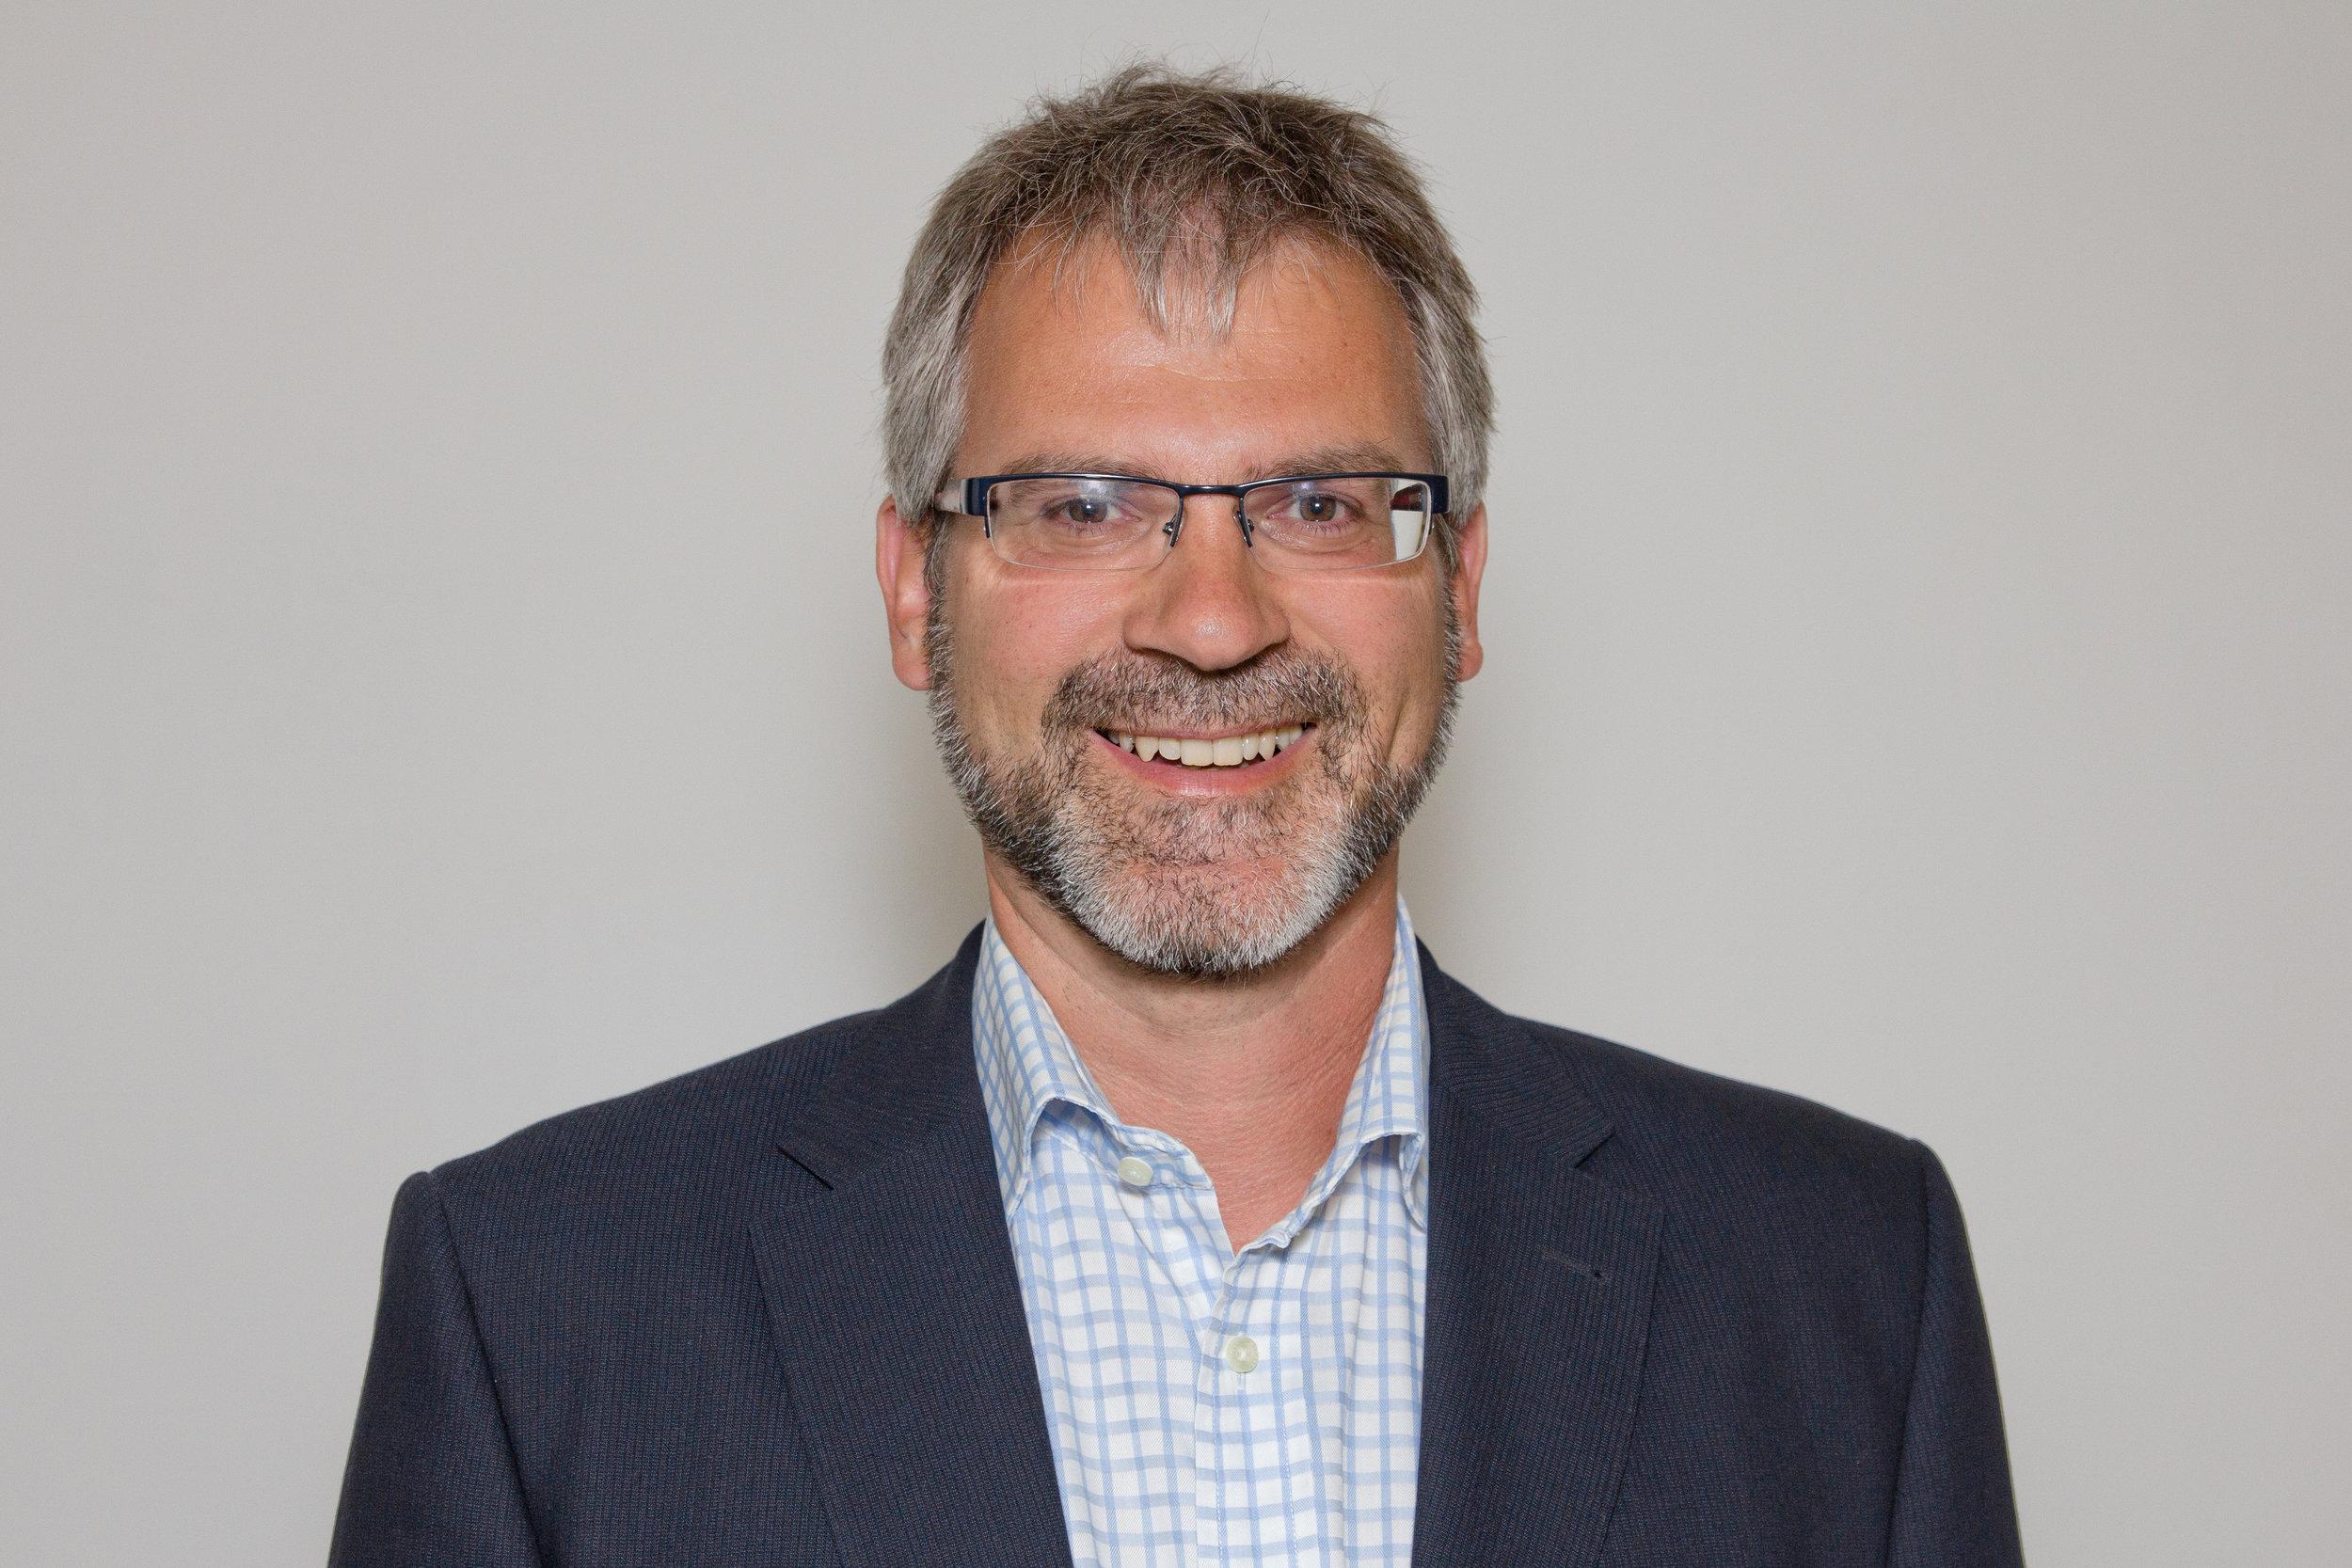 Andreas Grölz